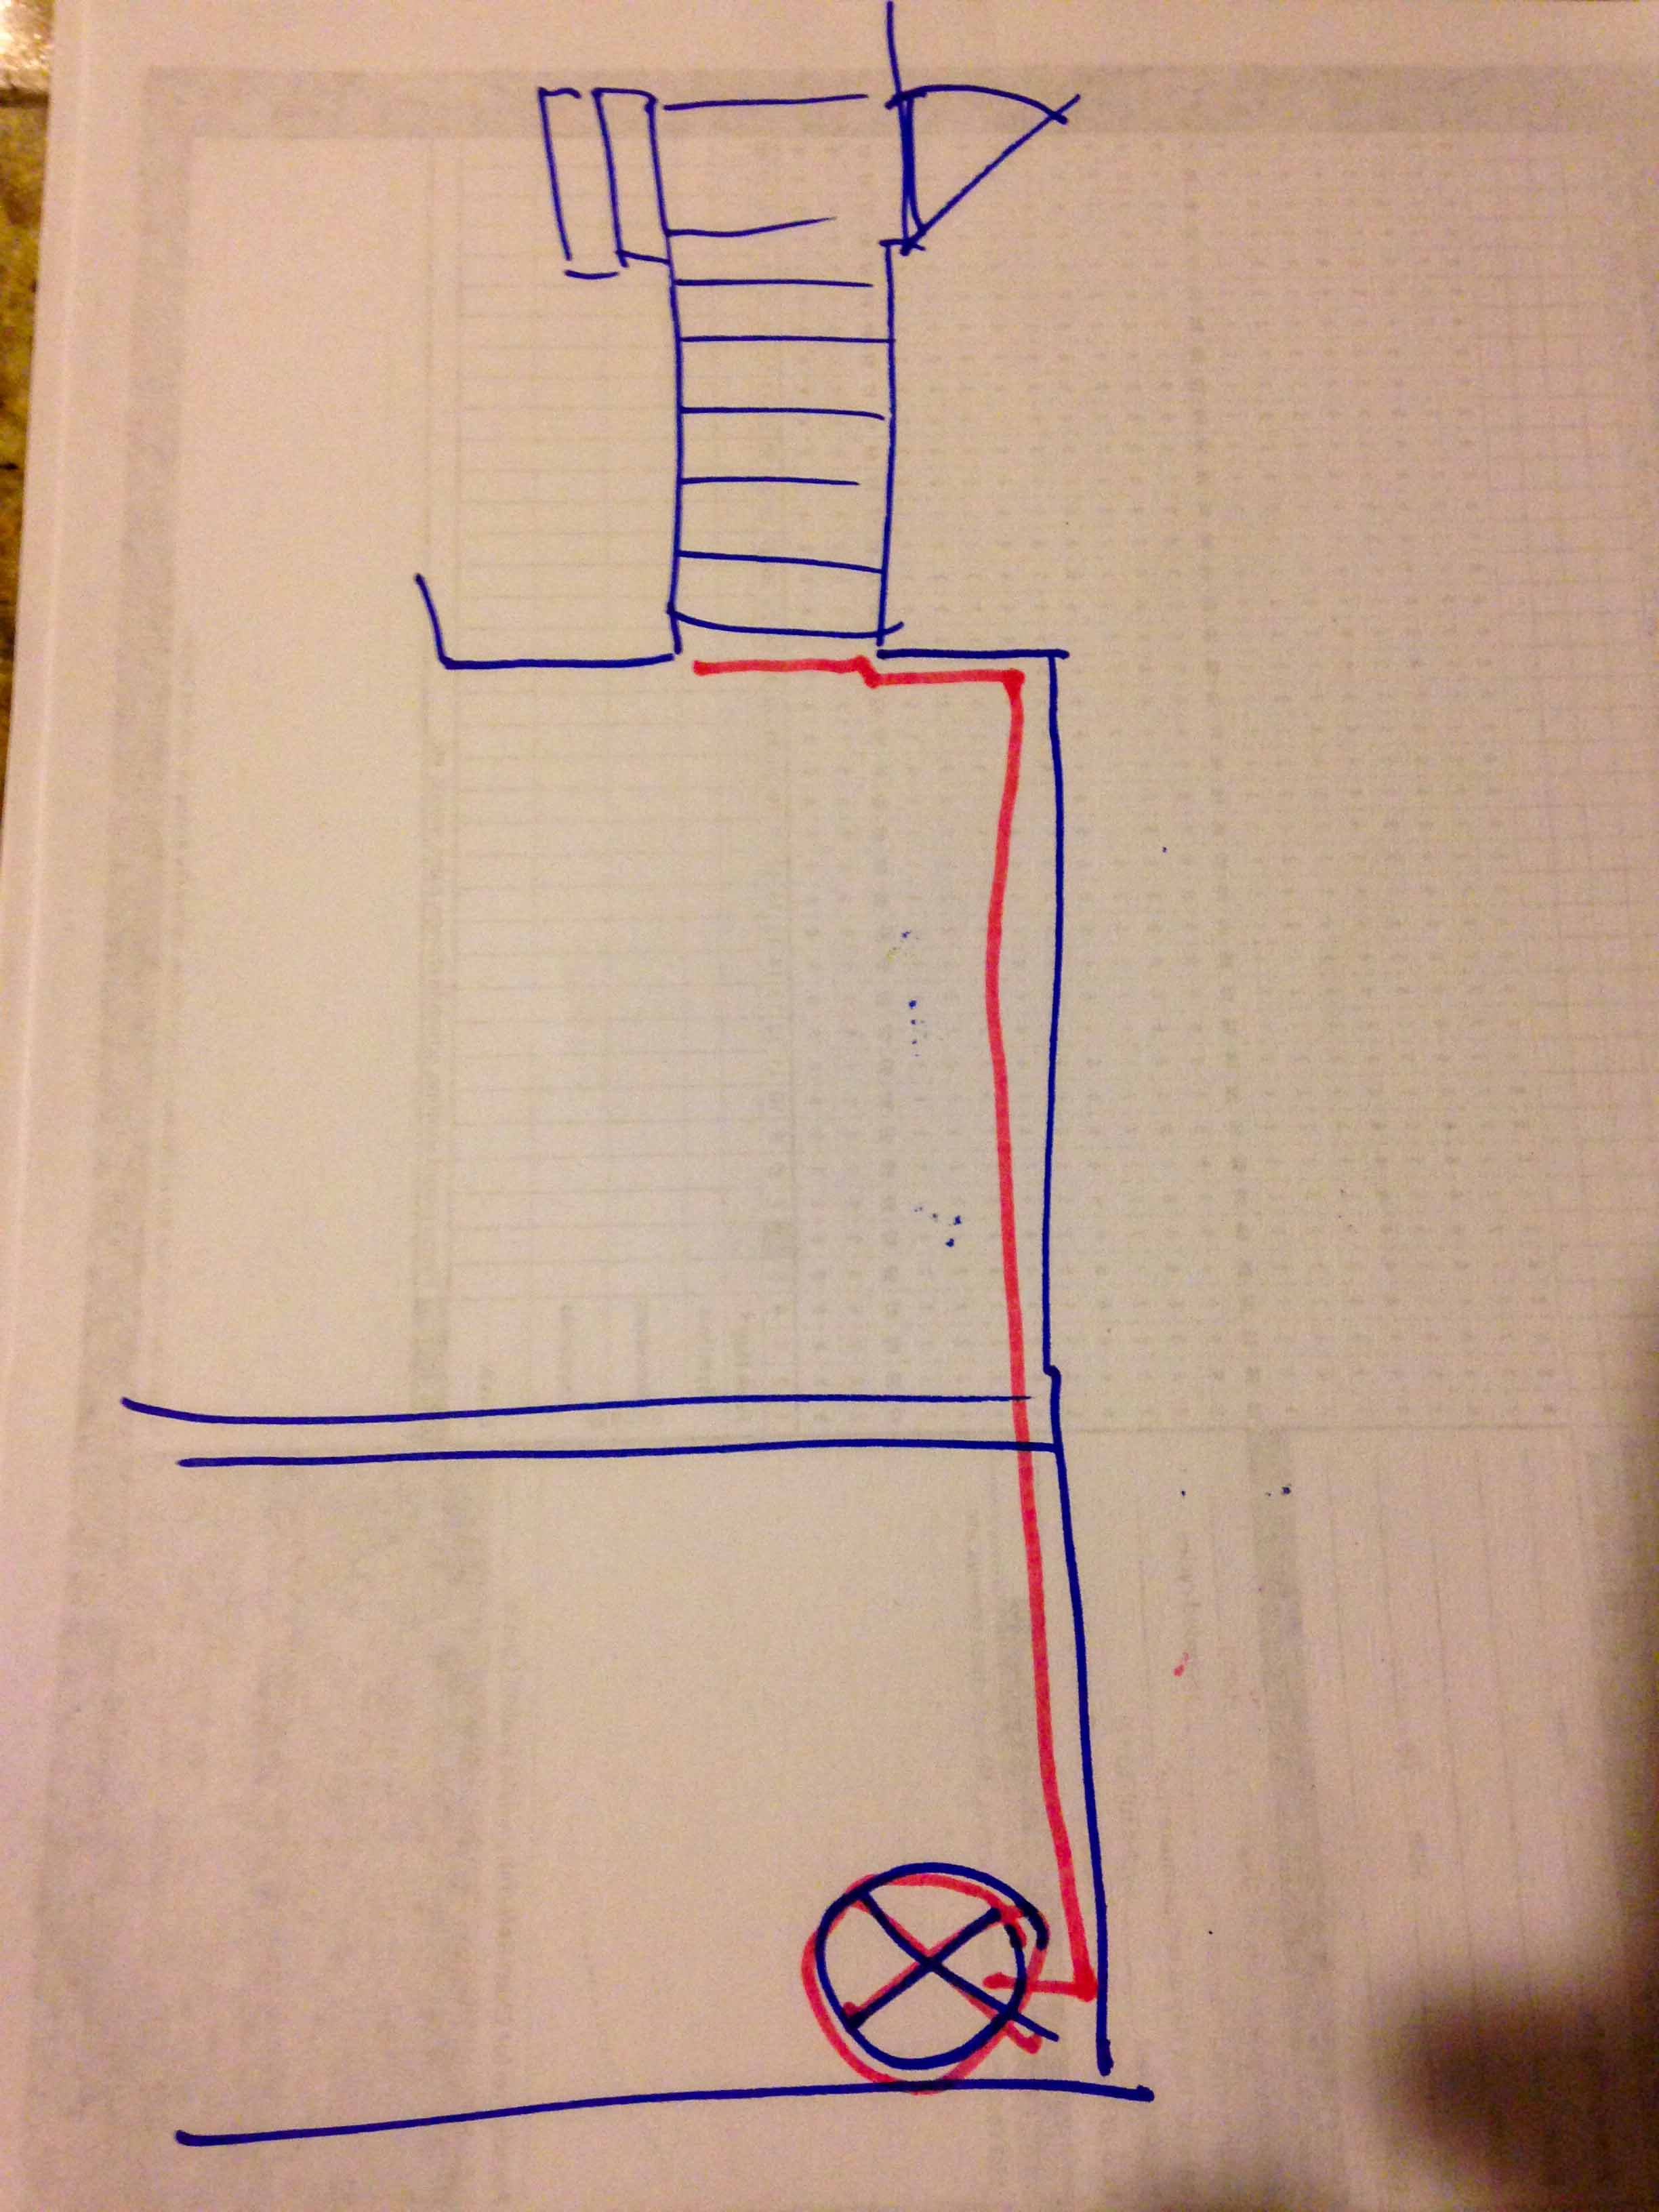 Interior Basement Waterproofing Blueprint